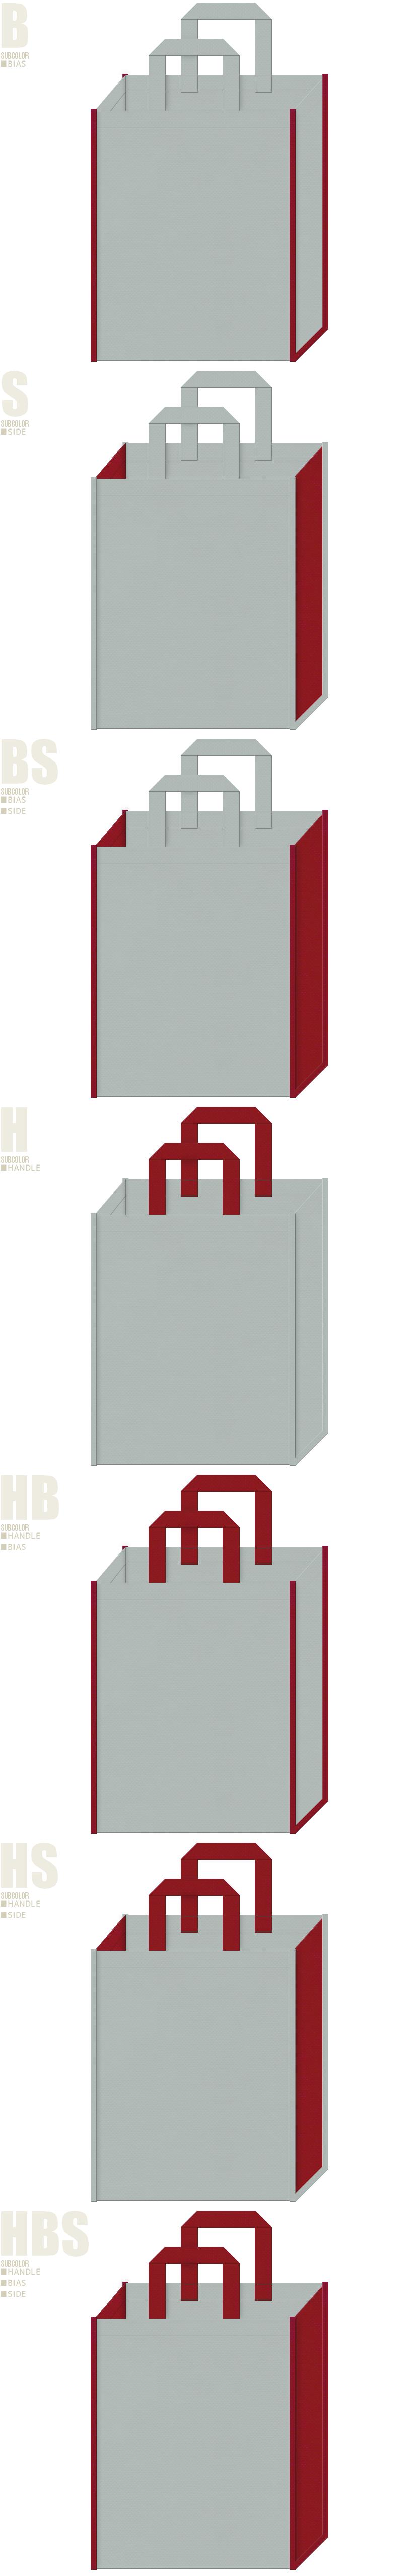 グレー色とエンジ色-7パターンの不織布トートバッグ配色デザイン例。